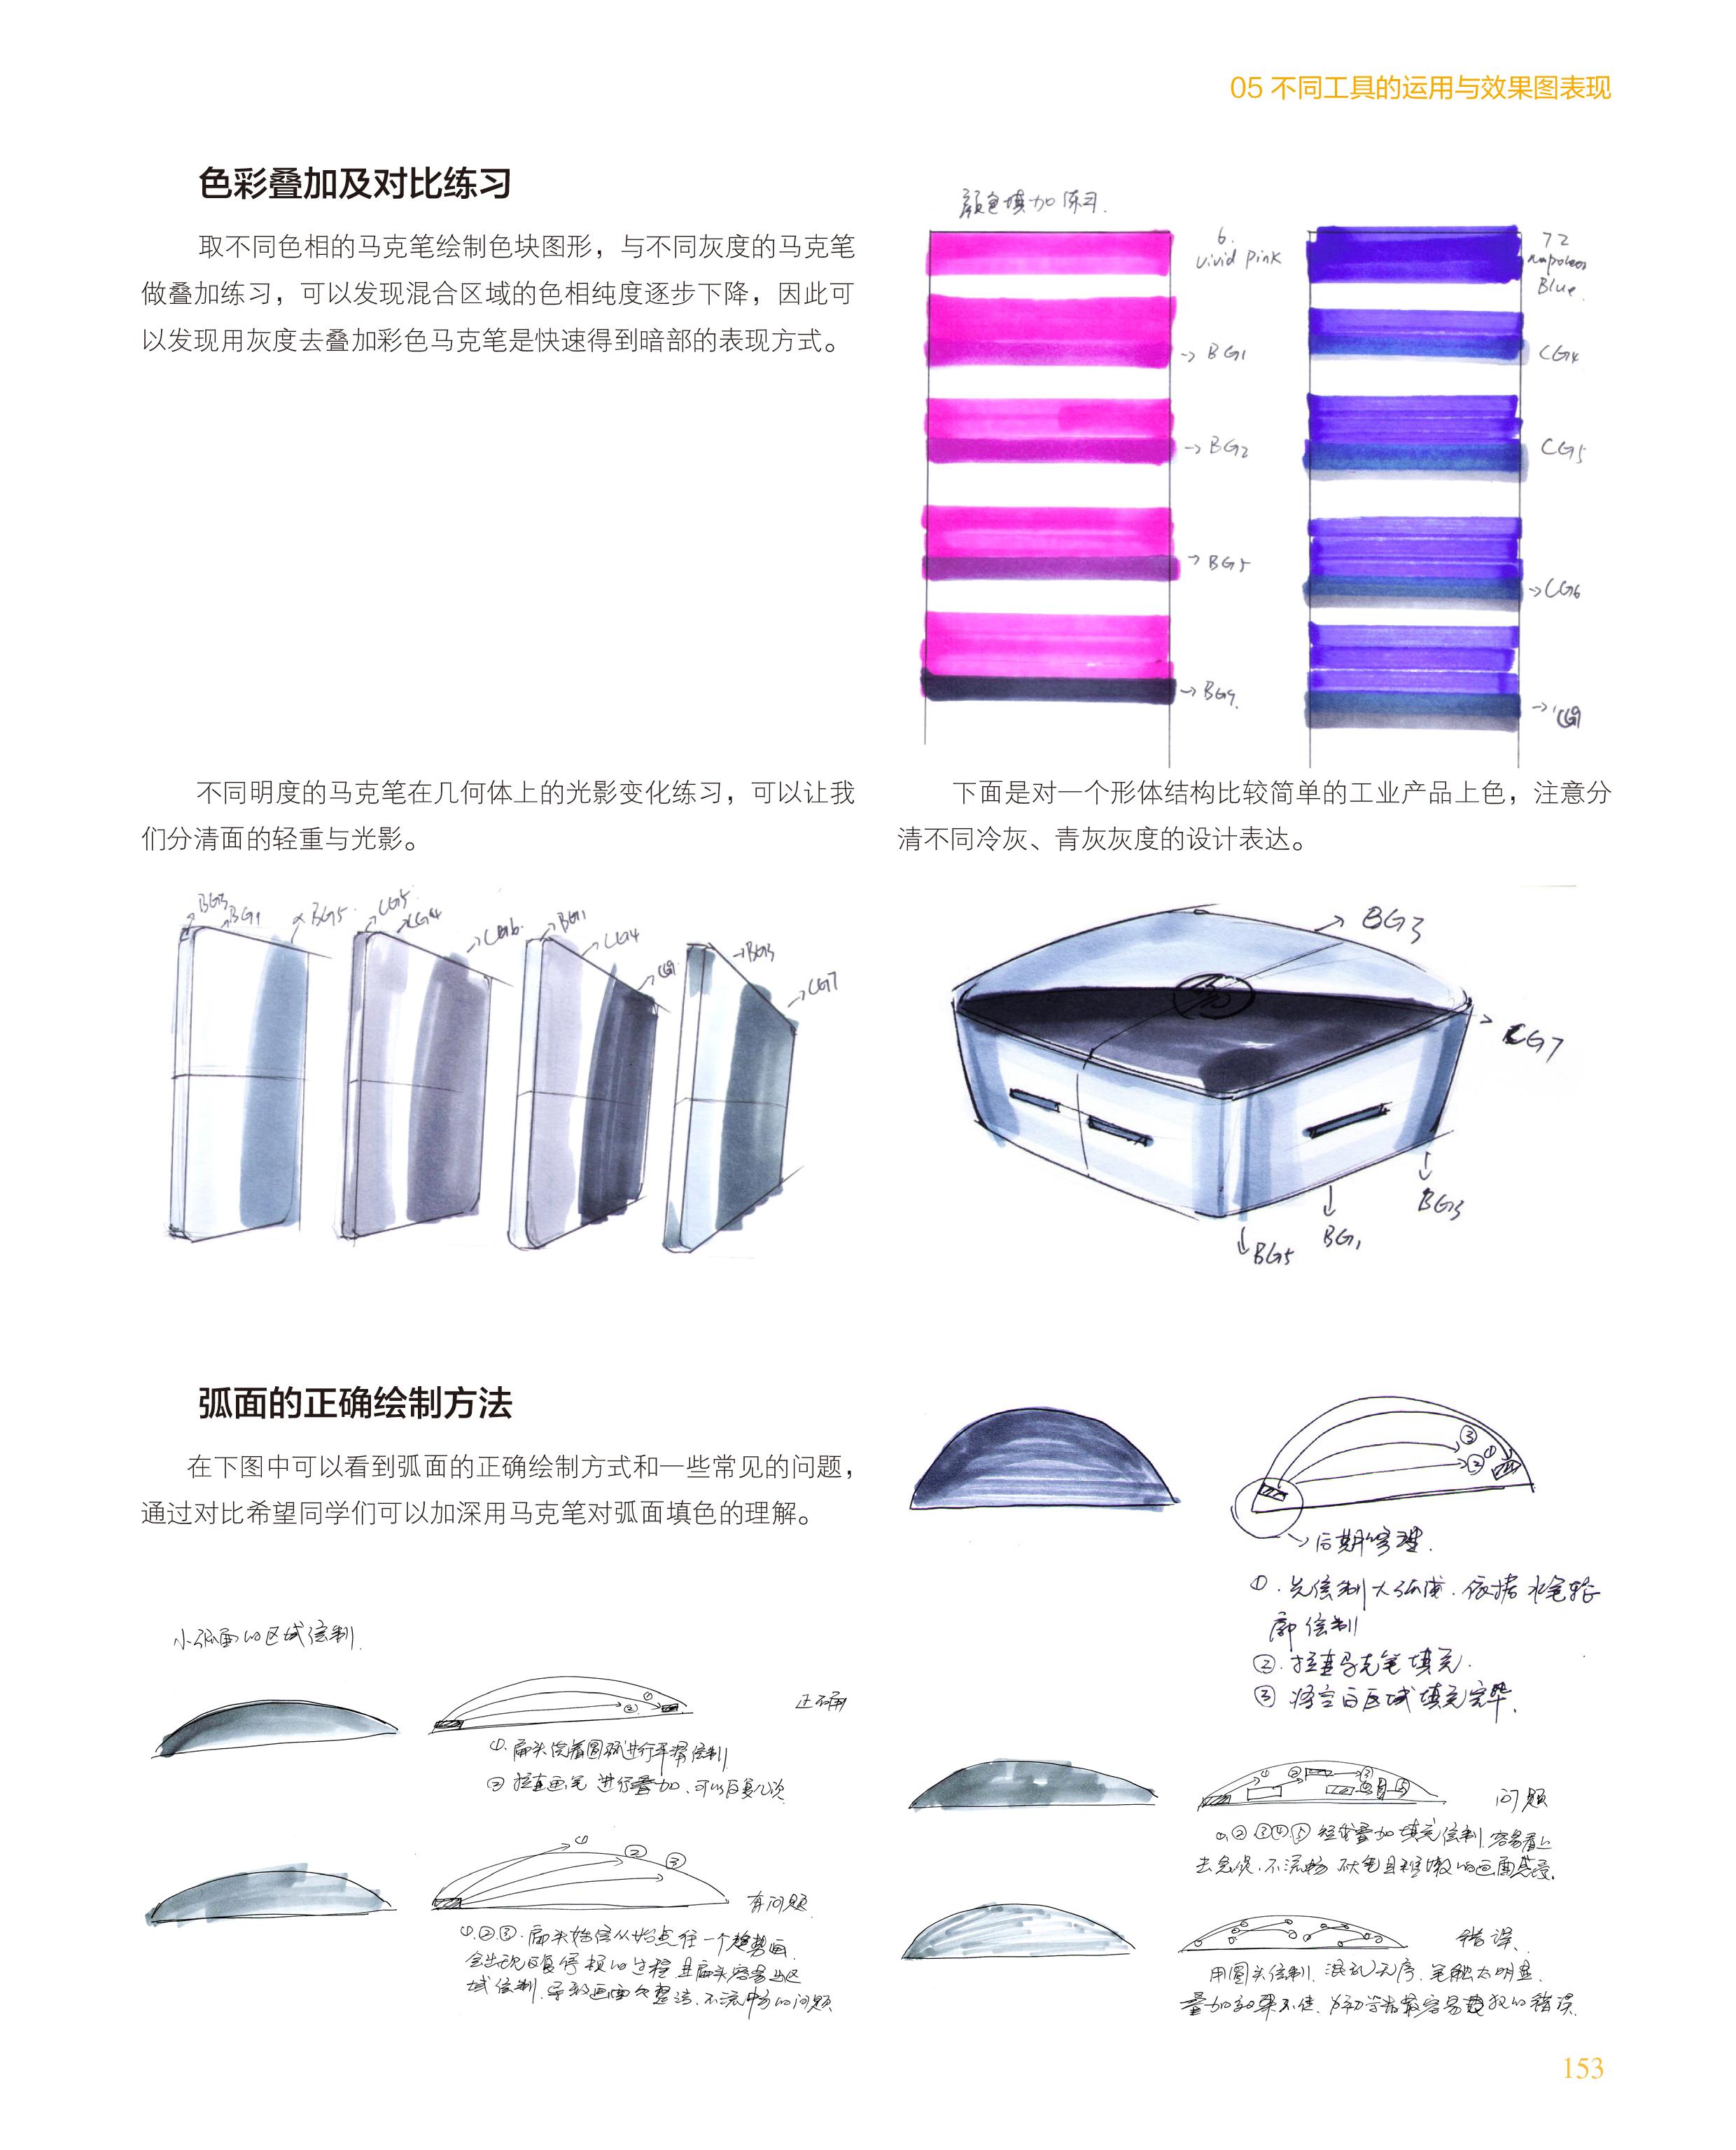 《工业产品设计手绘与实践自学教程》图书内容分享(原创文章)